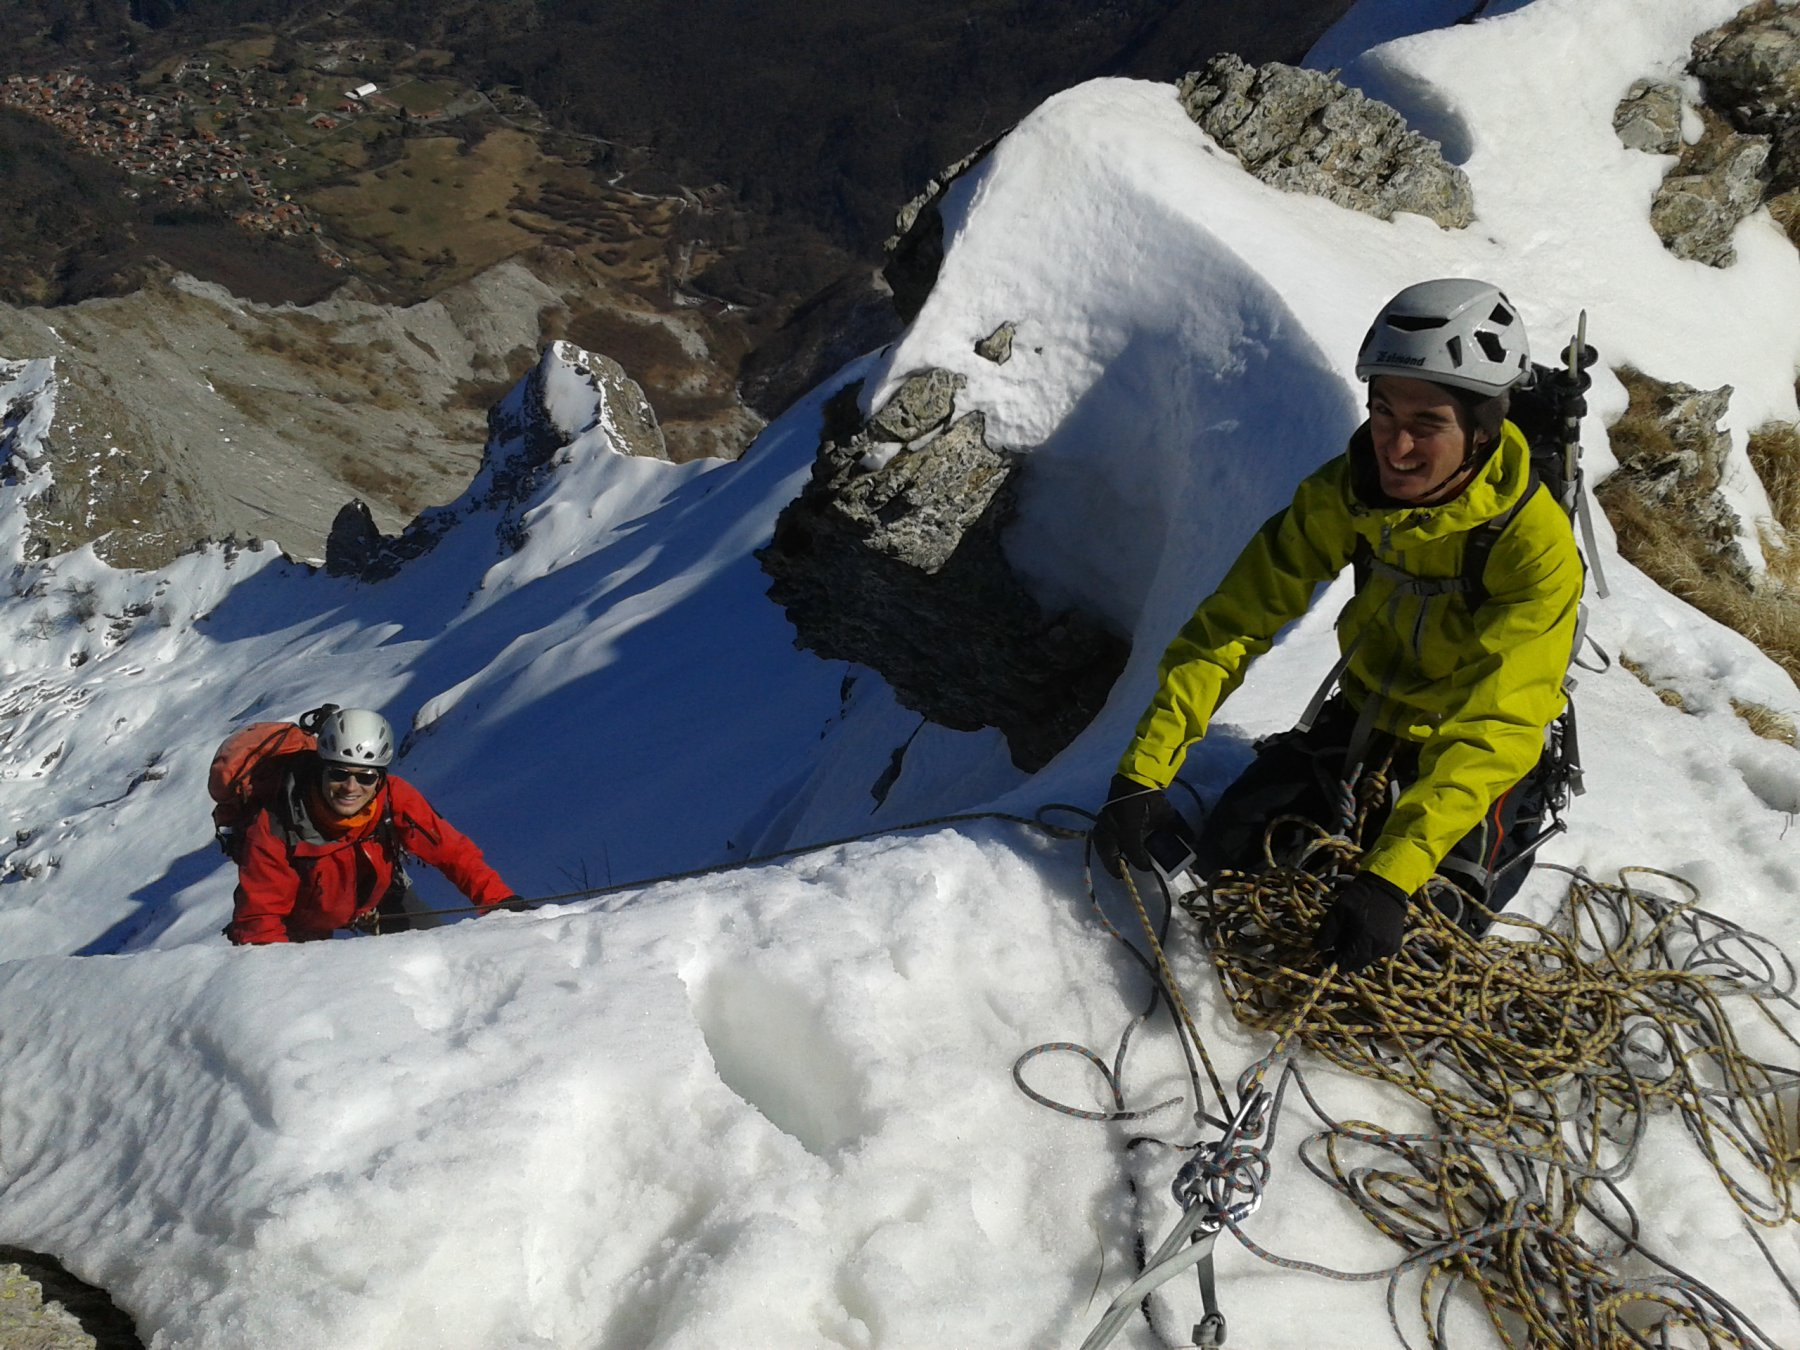 L'uscita in vetta, alpinisti contenti e Gorfigliano giù giù in fondo